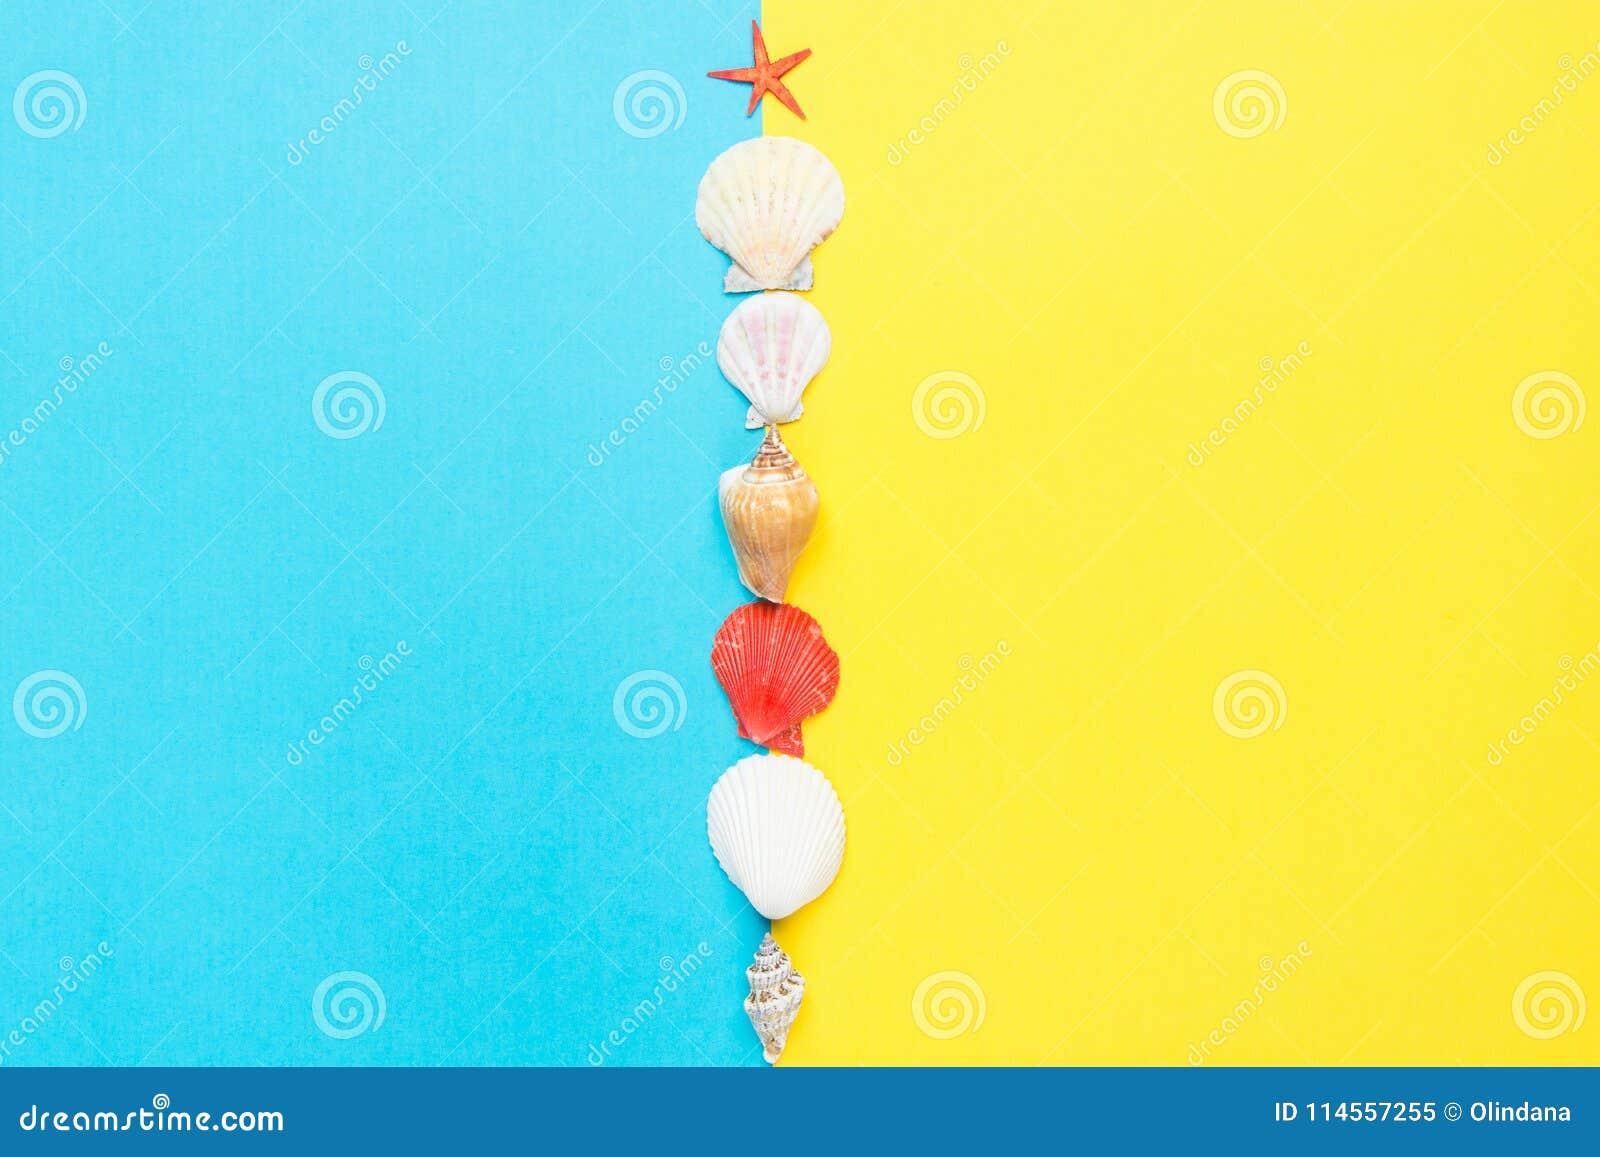 Coquilles de mer des étoiles de mer rouges plates de spirale différente de formes sur le duo Tone Yellow Blue Background de fente